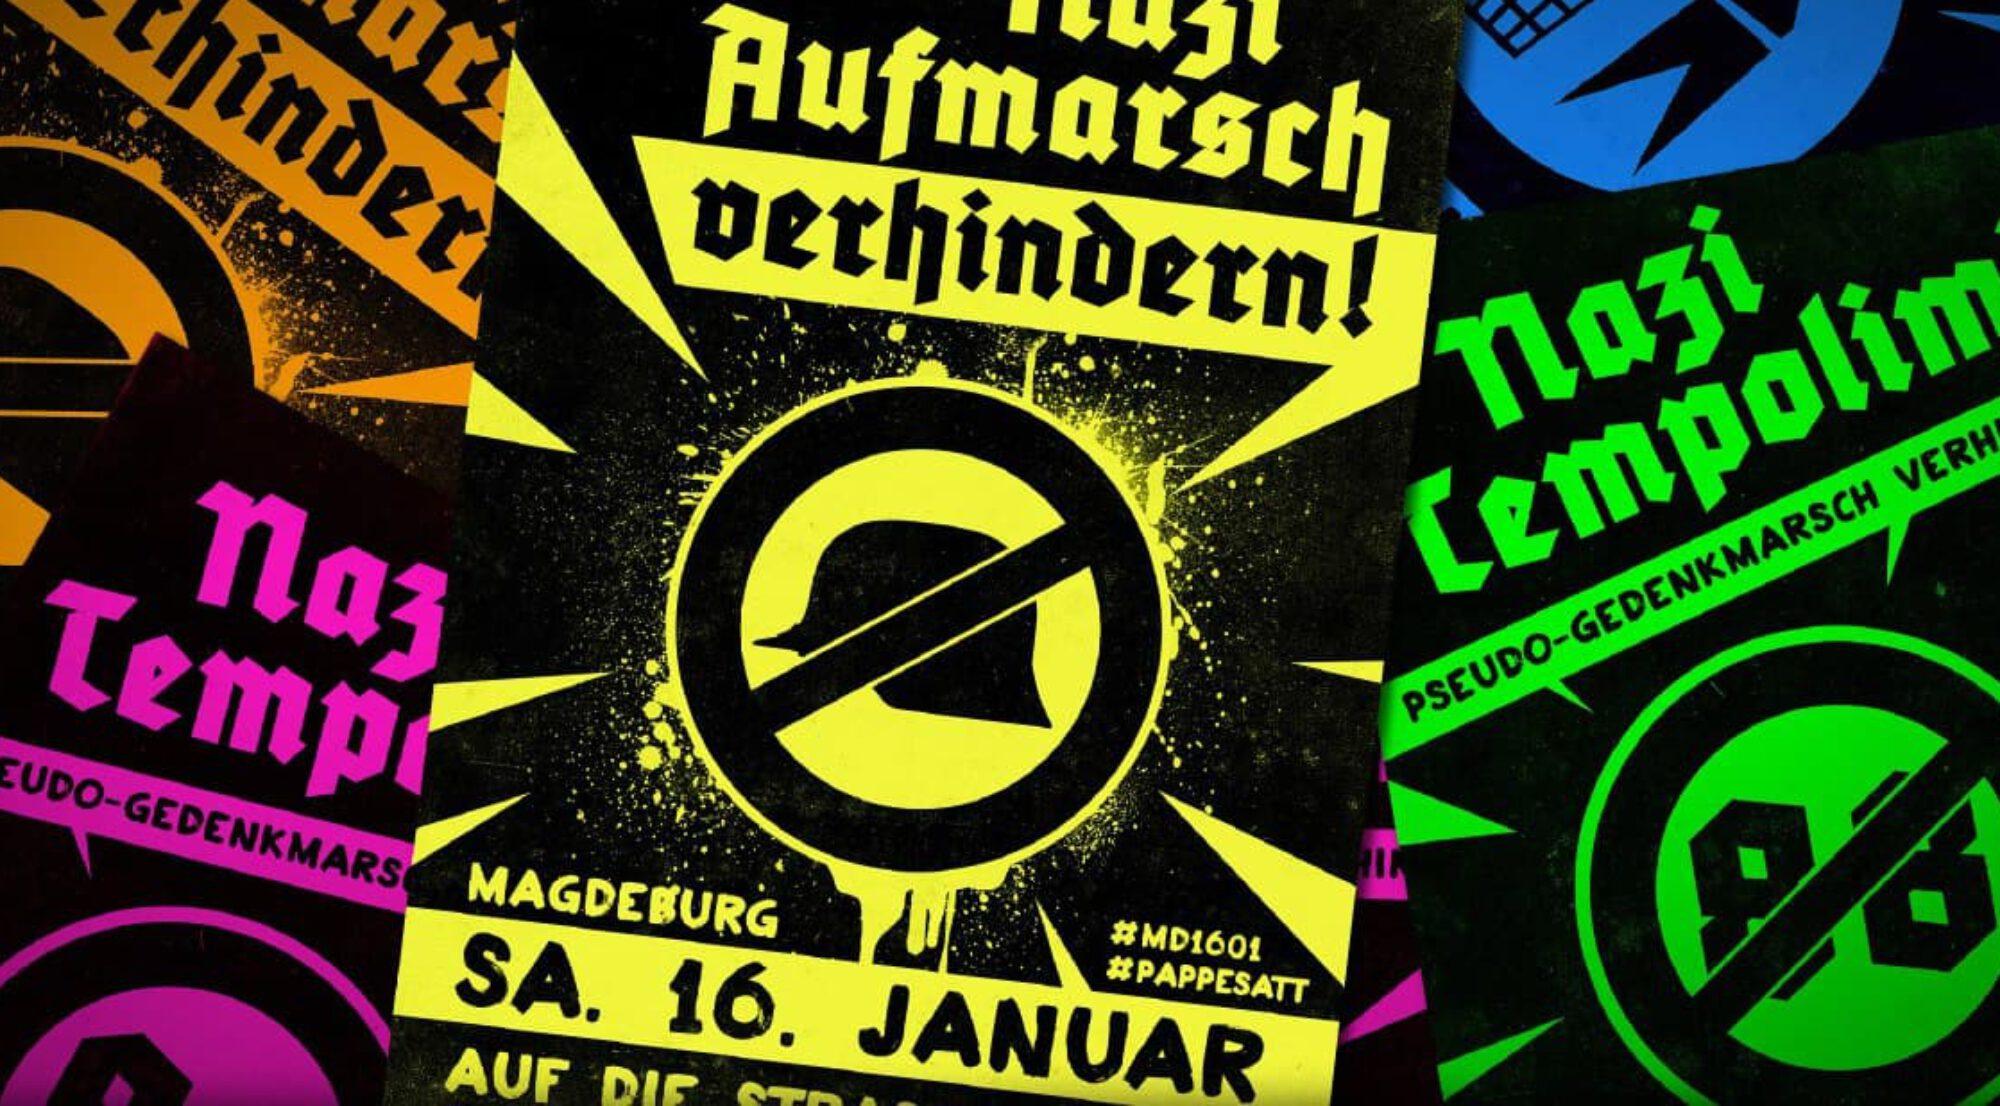 Naziaufmarsch verhindern 16.01.2021